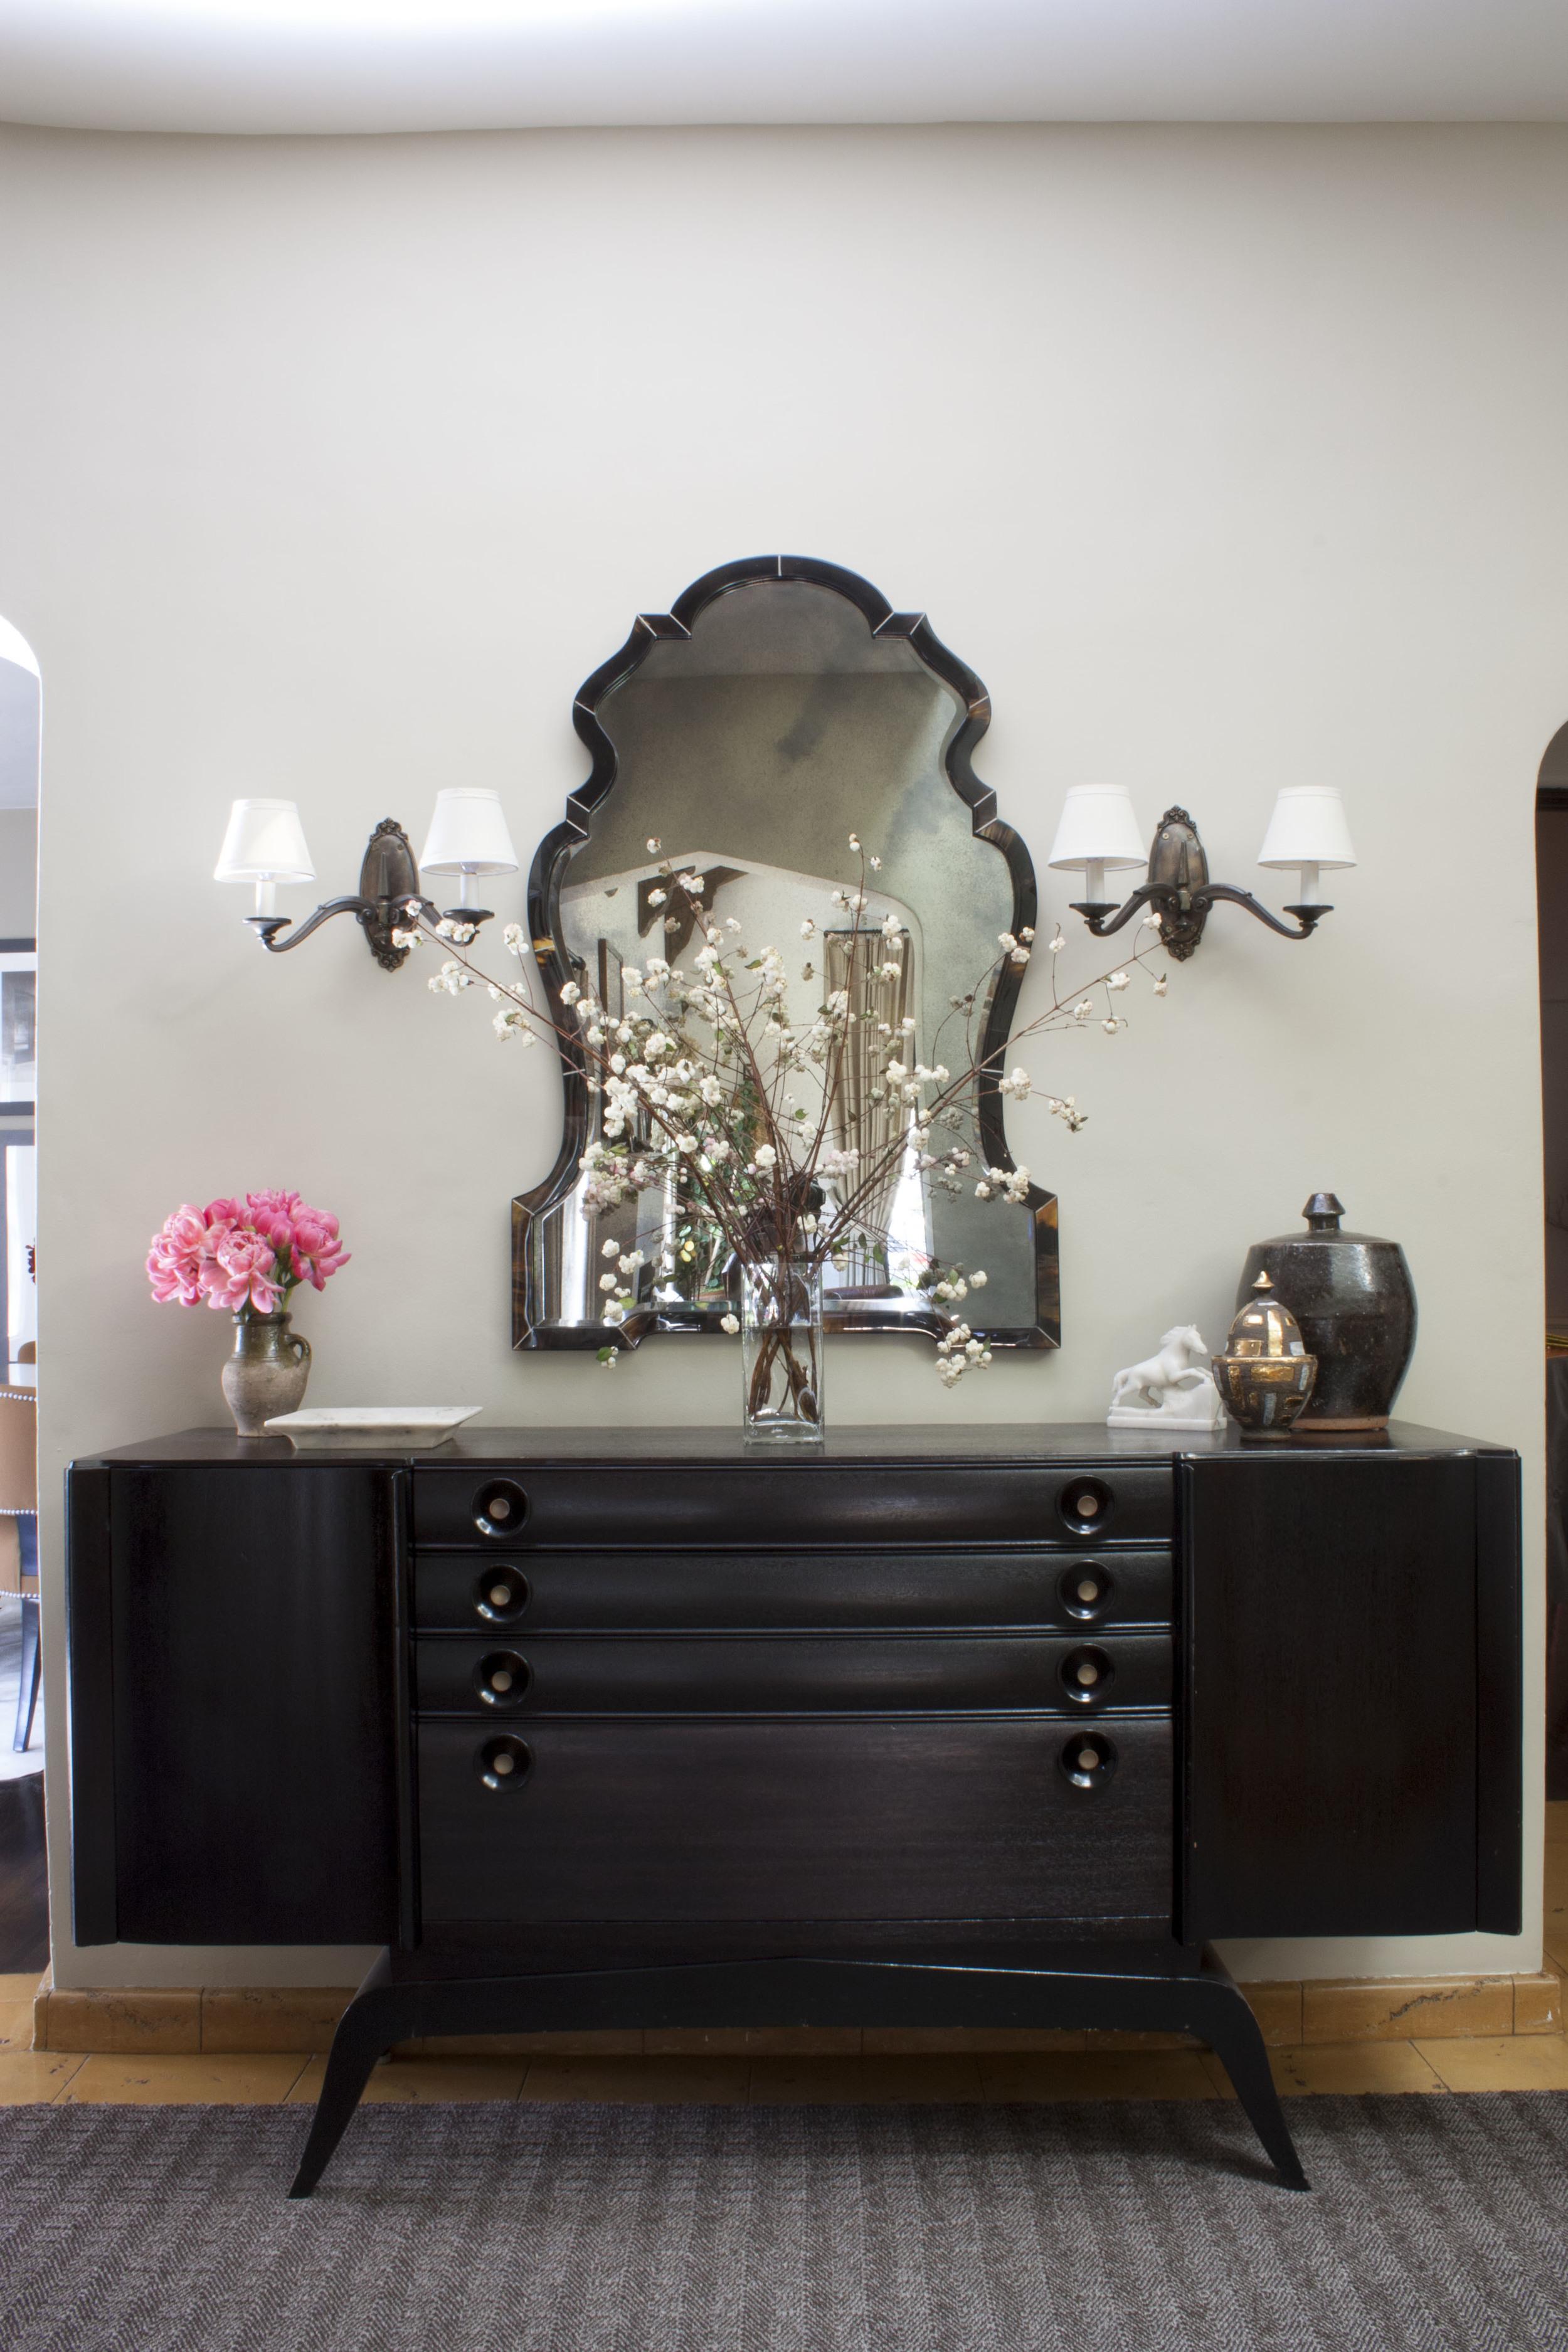 MCCADDEN PLACE / Wendy Haworth Design / www.wendyhaworthdesign.com